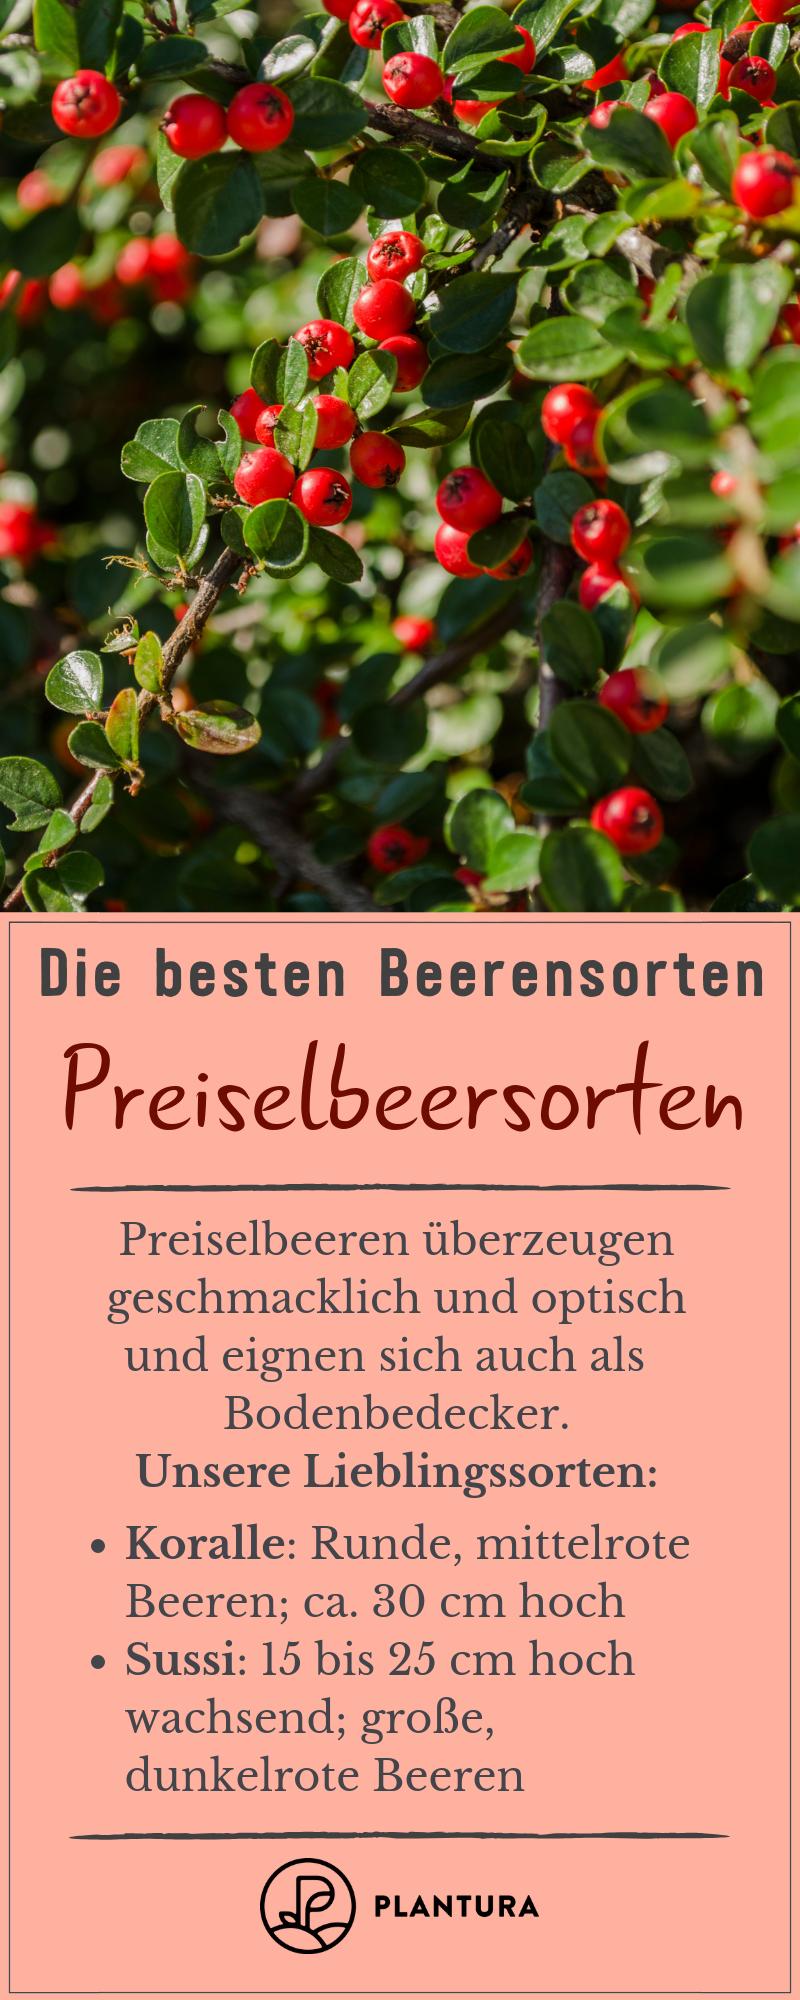 Die Besten Beerensorten Fur Ihren Garten Plantura Beeren Gartentipps Preiselbeeren